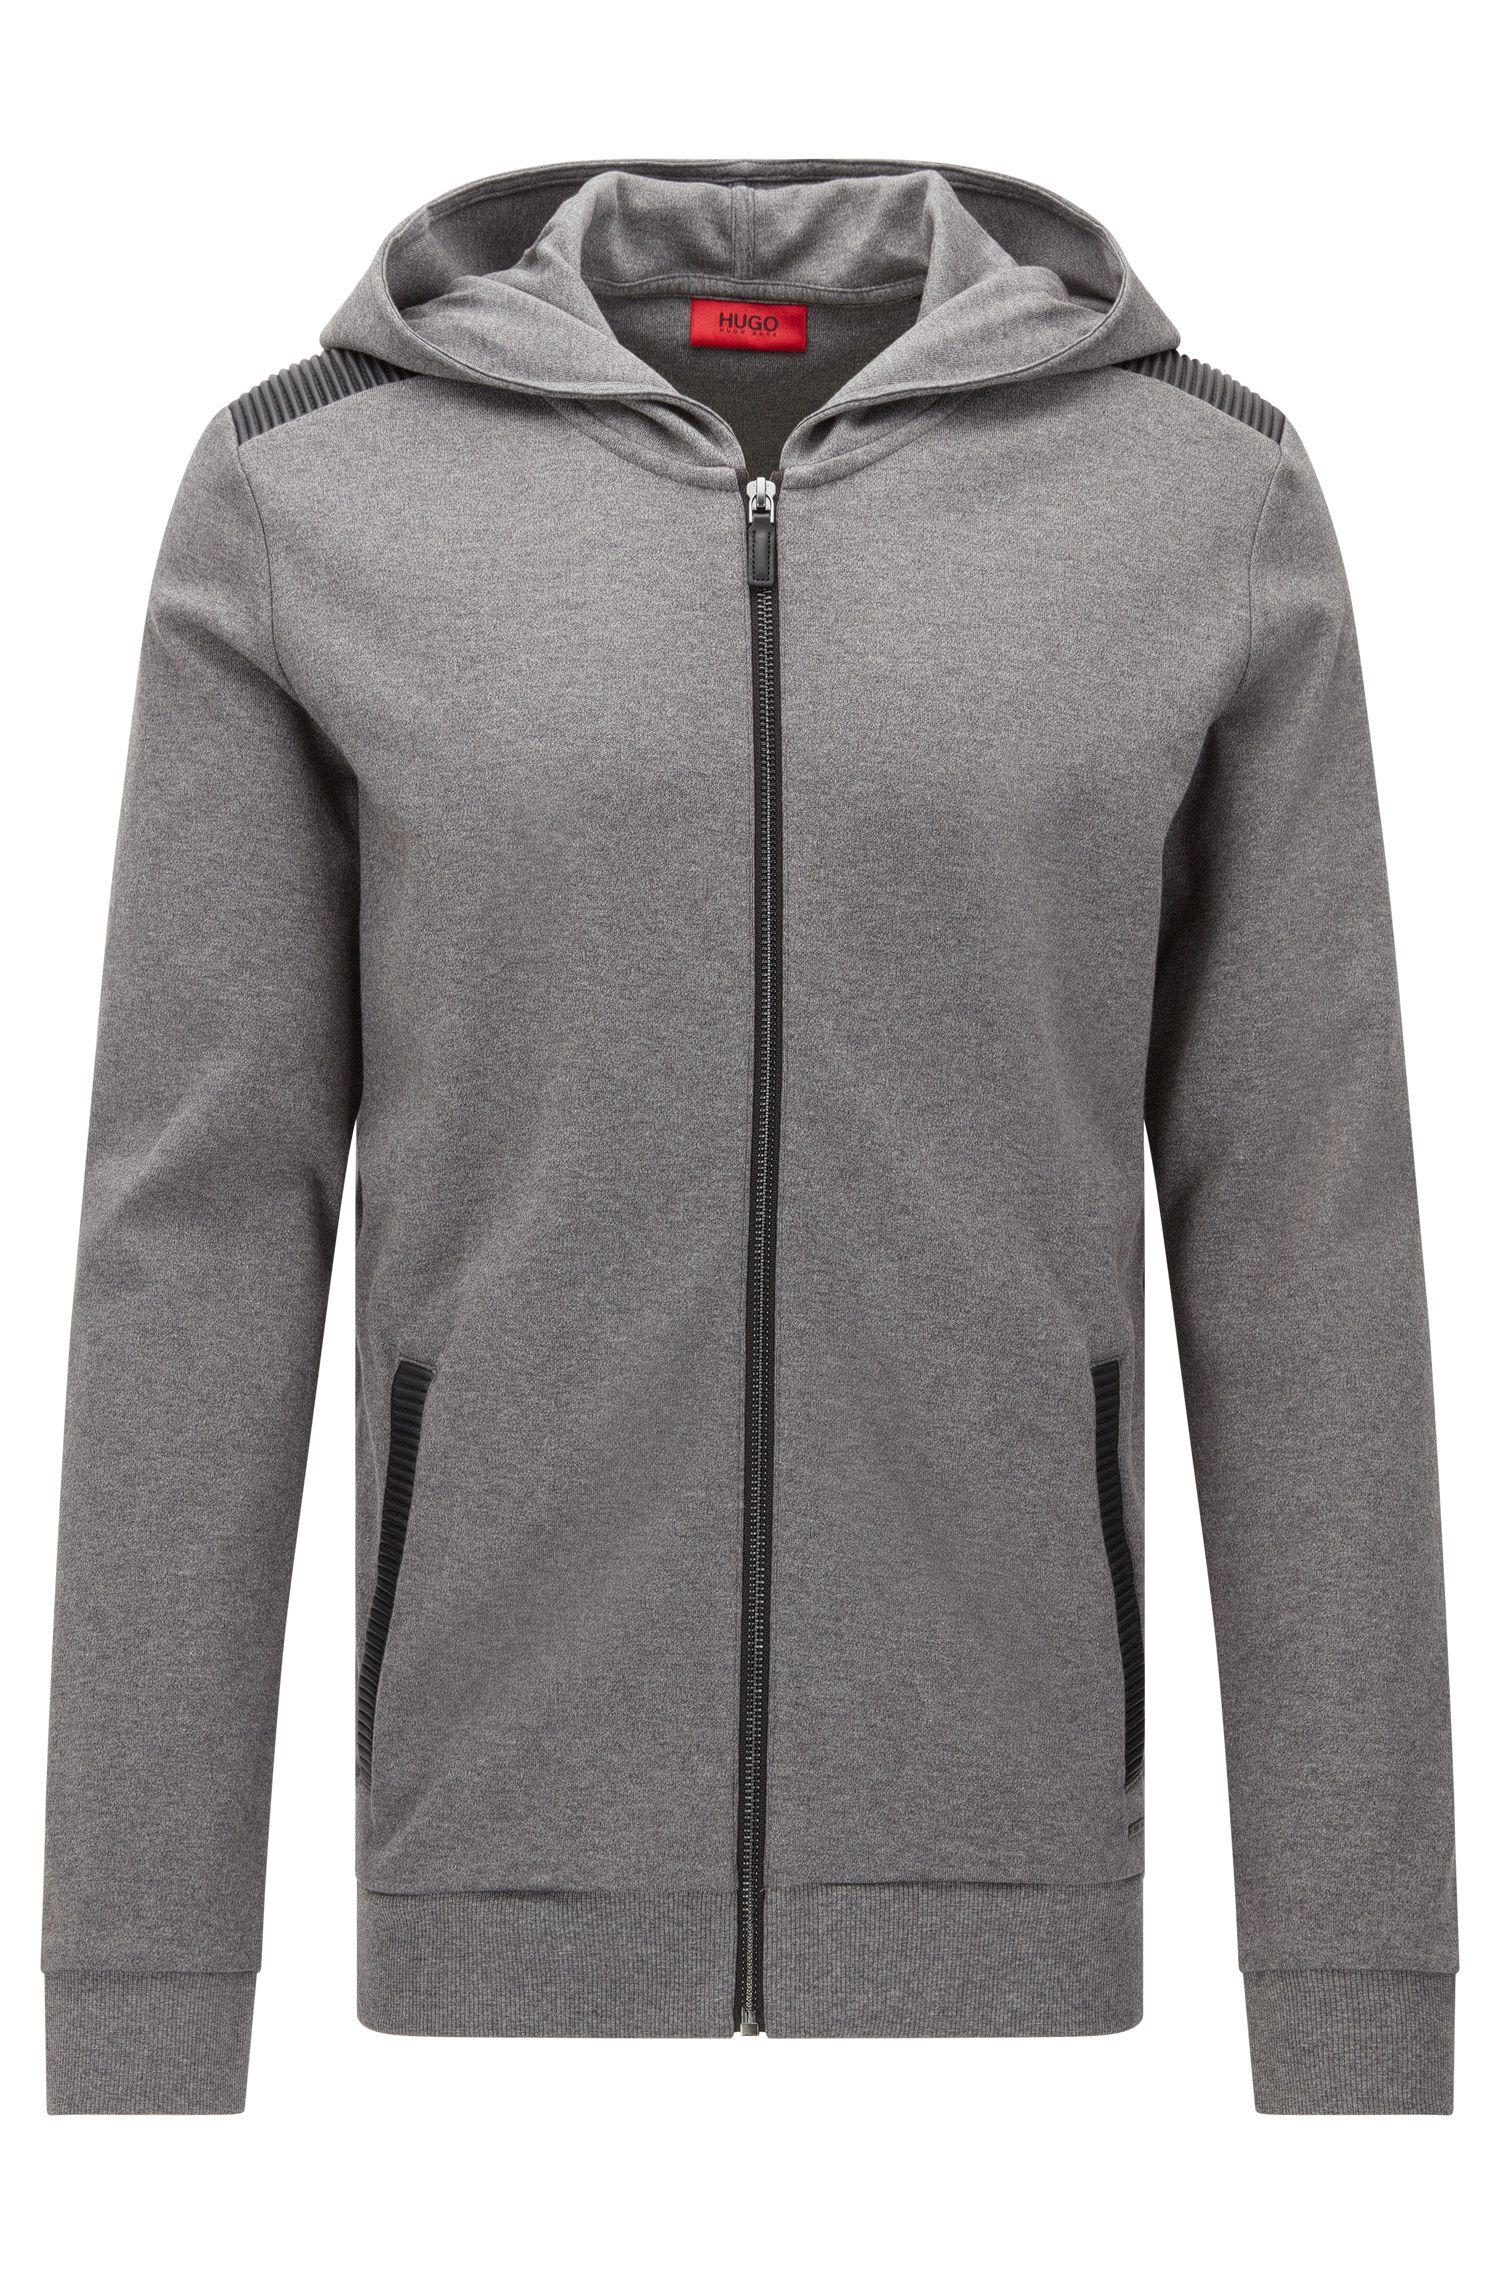 Sweatshirt-Jacke aus Baumwolle mit Details in Leder-Optik: 'Dellagio'